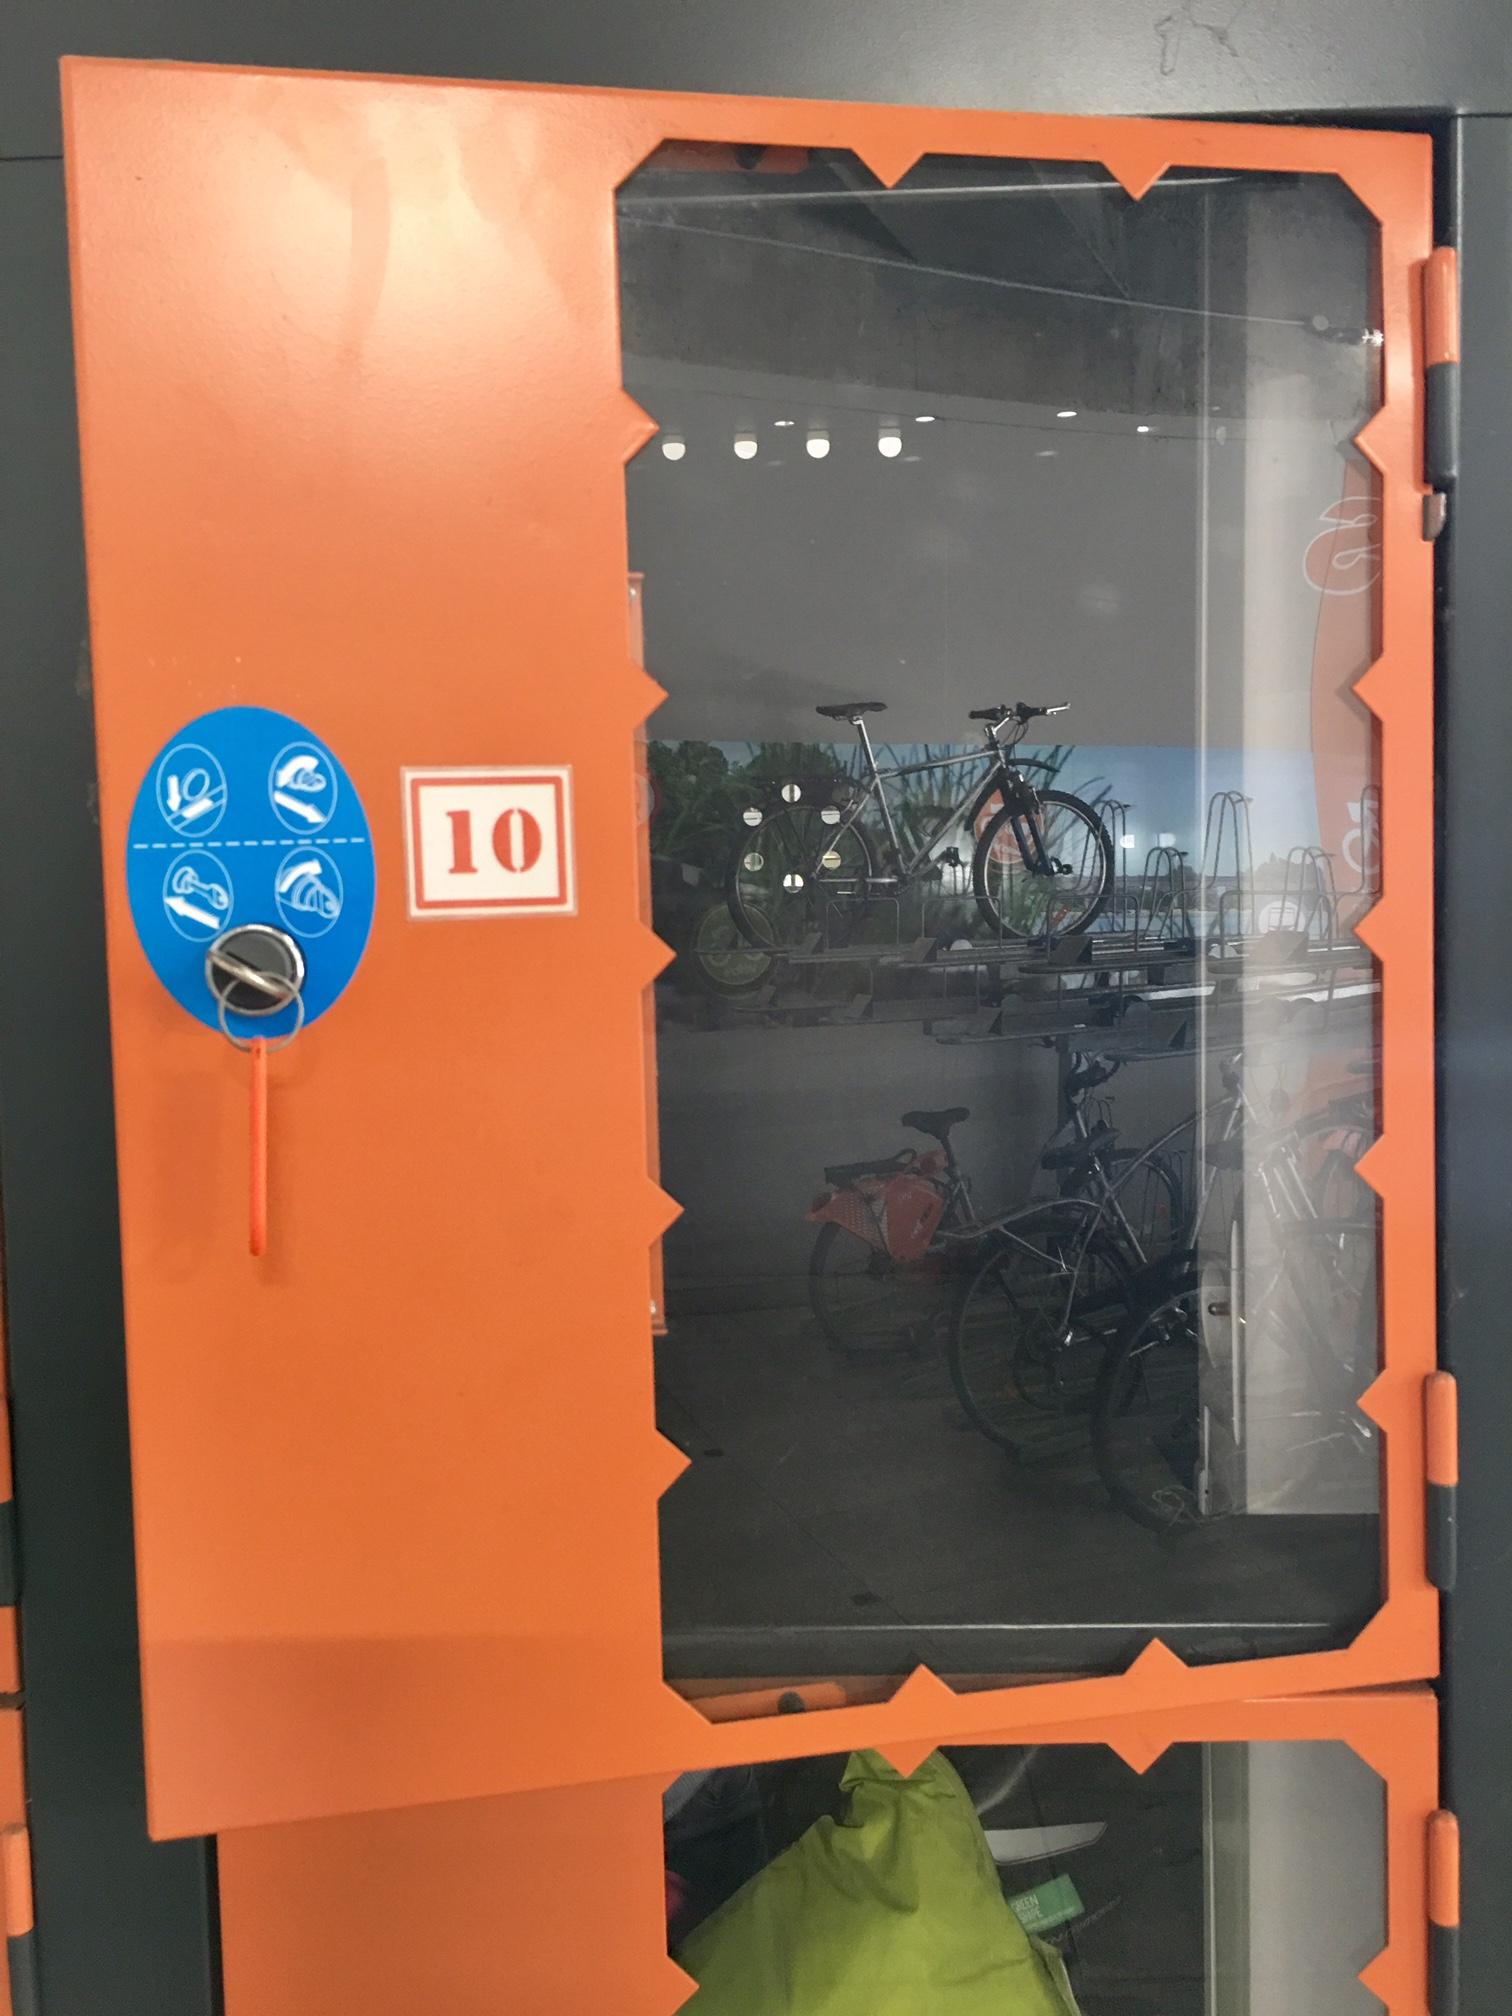 Casiers de recharge pour vélo